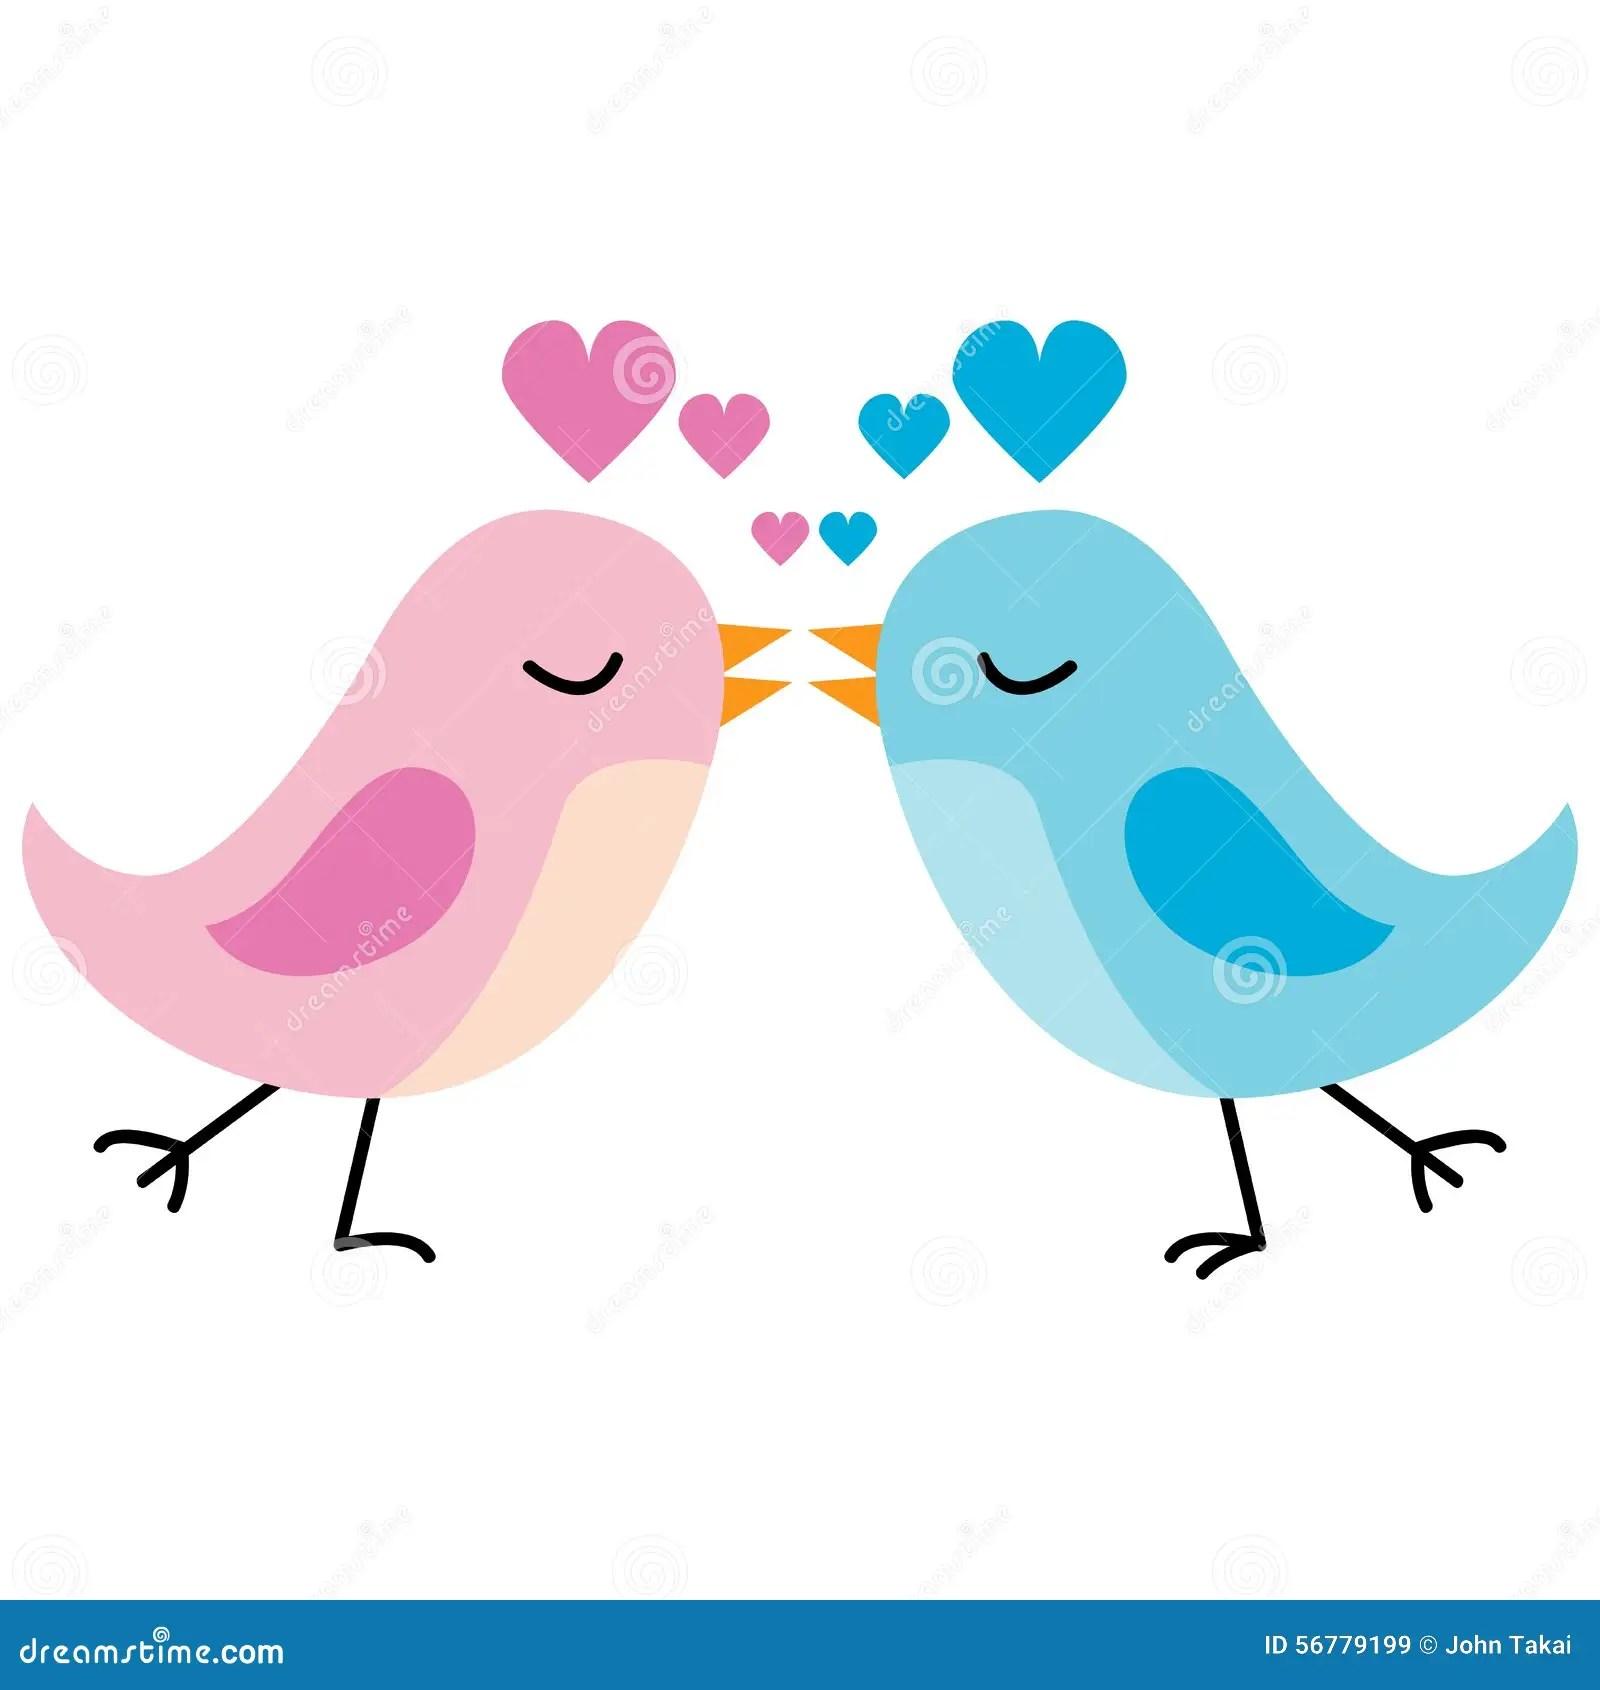 Cute Owl Cartoon Wallpaper Kissing Love Birds Stock Vector Illustration Of Pink